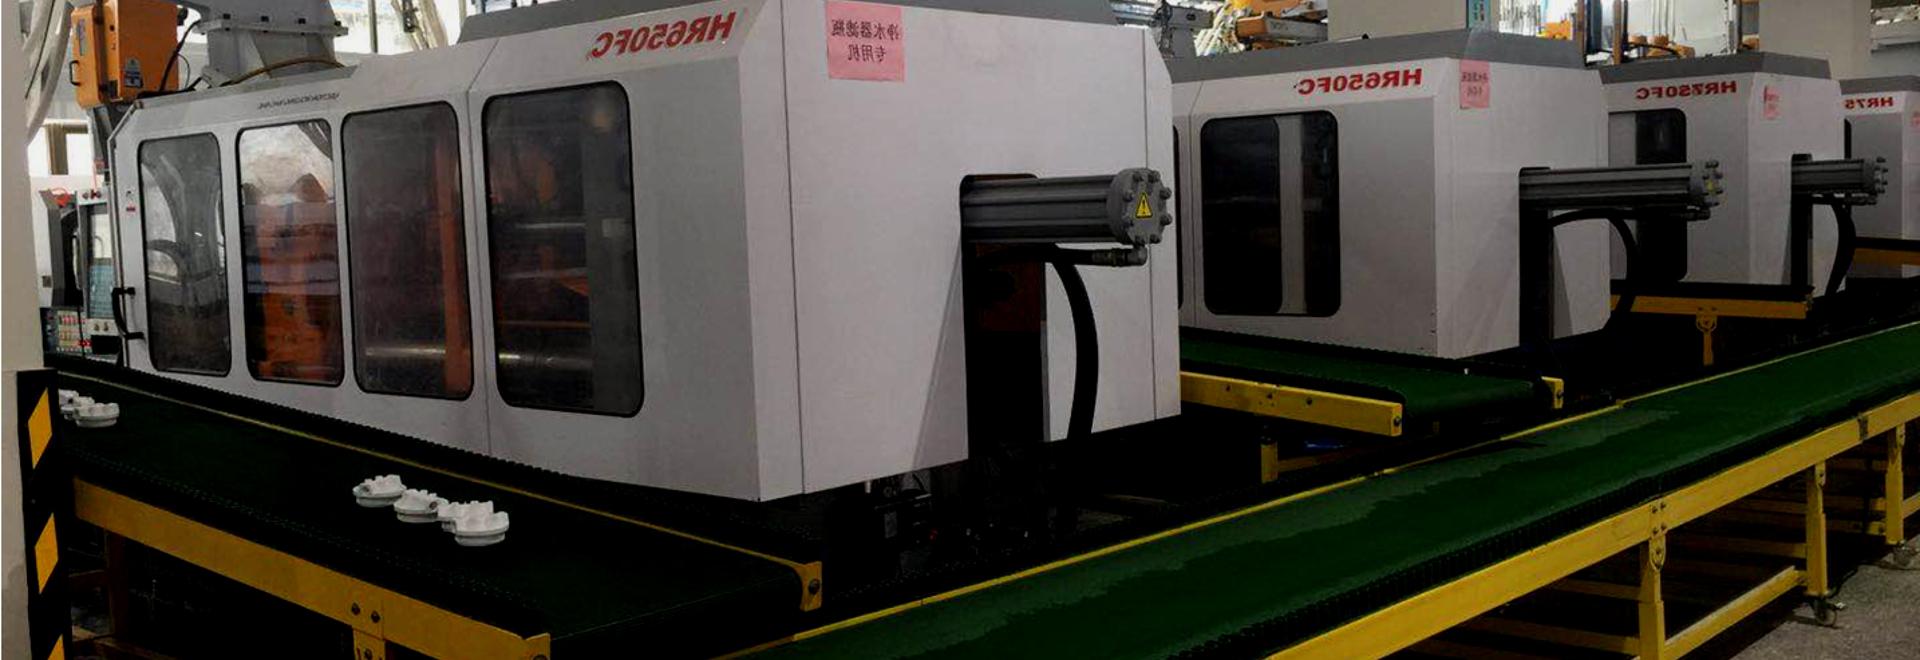 Accesorios para filtros de agua con Automatización - Taiwan Máquina de inyección Fabricante, HUARONG GROUP